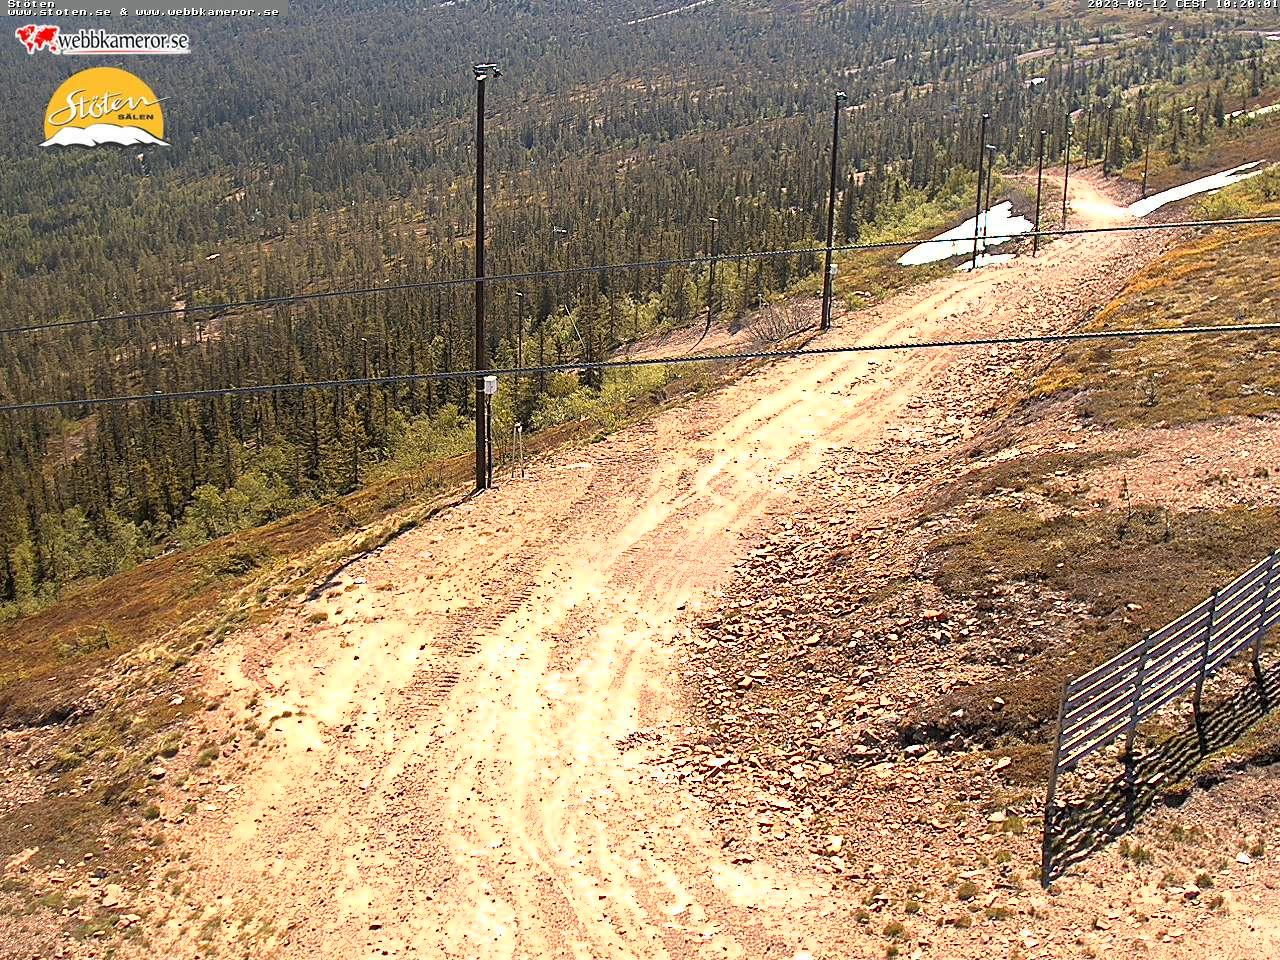 Webbkamera - Stöten, Sälen